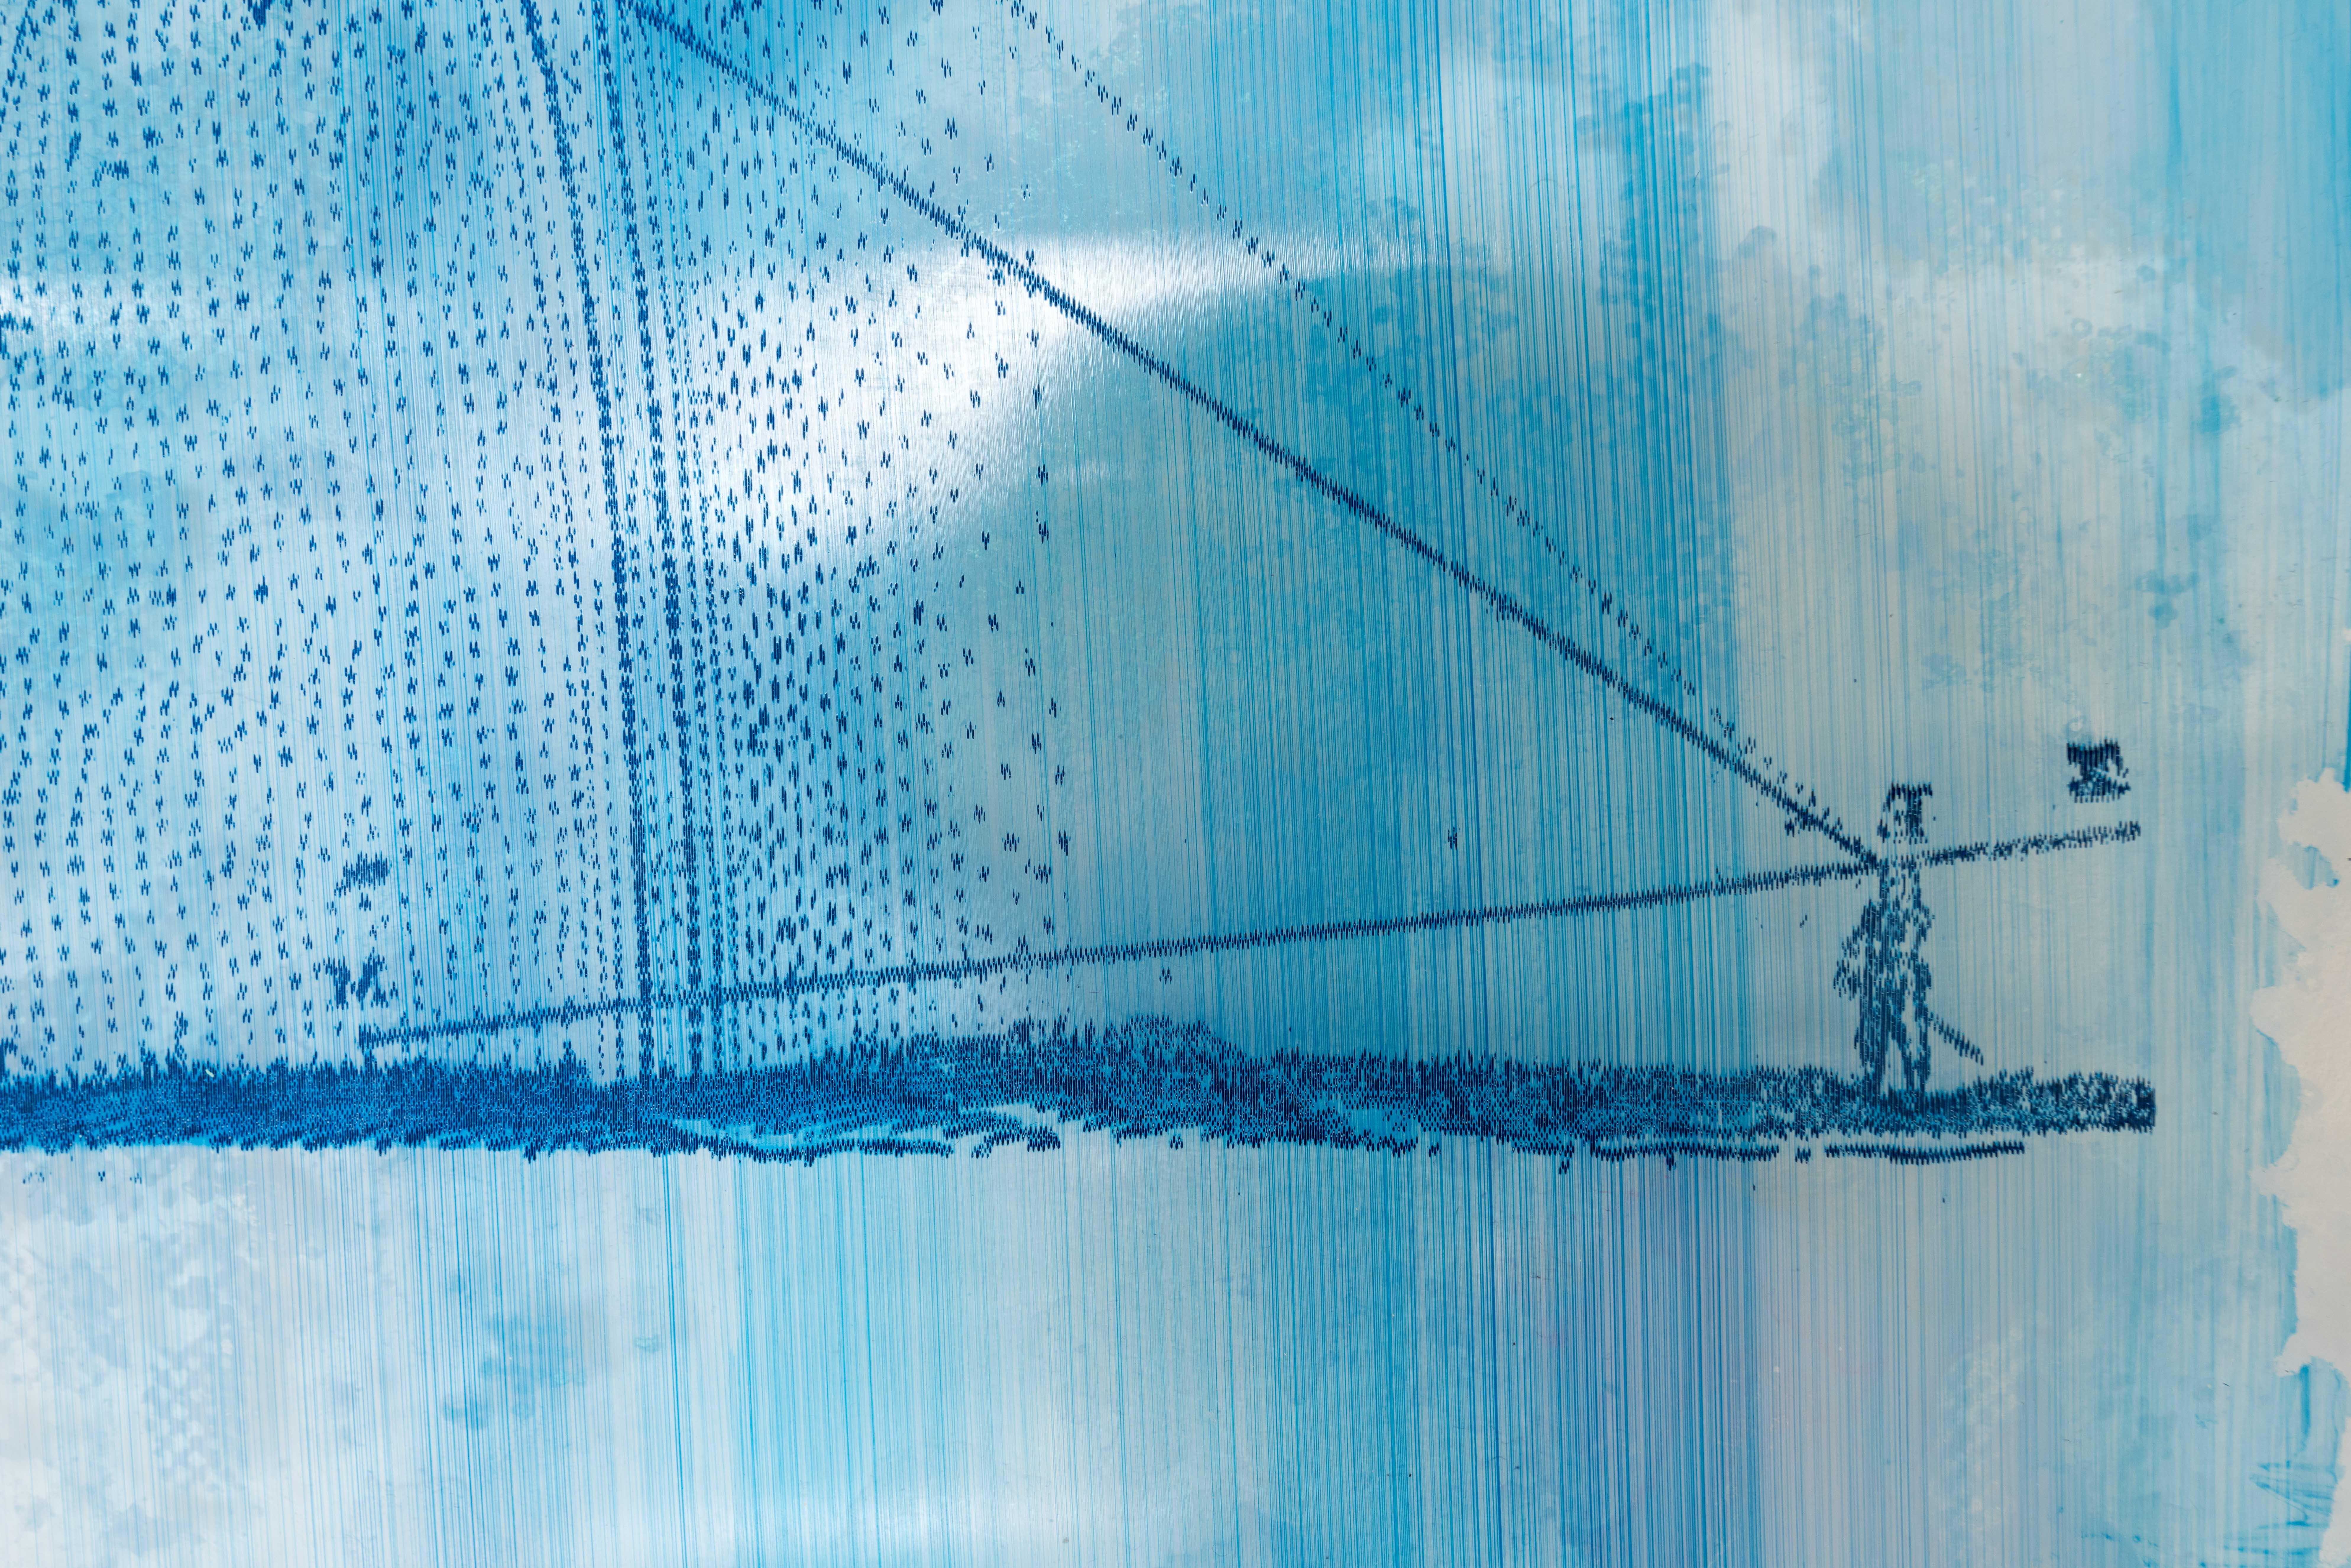 Spectral Diagram (detail) — Etched perspex, acrylic paint, 25 cm x 35 cm, 2017.